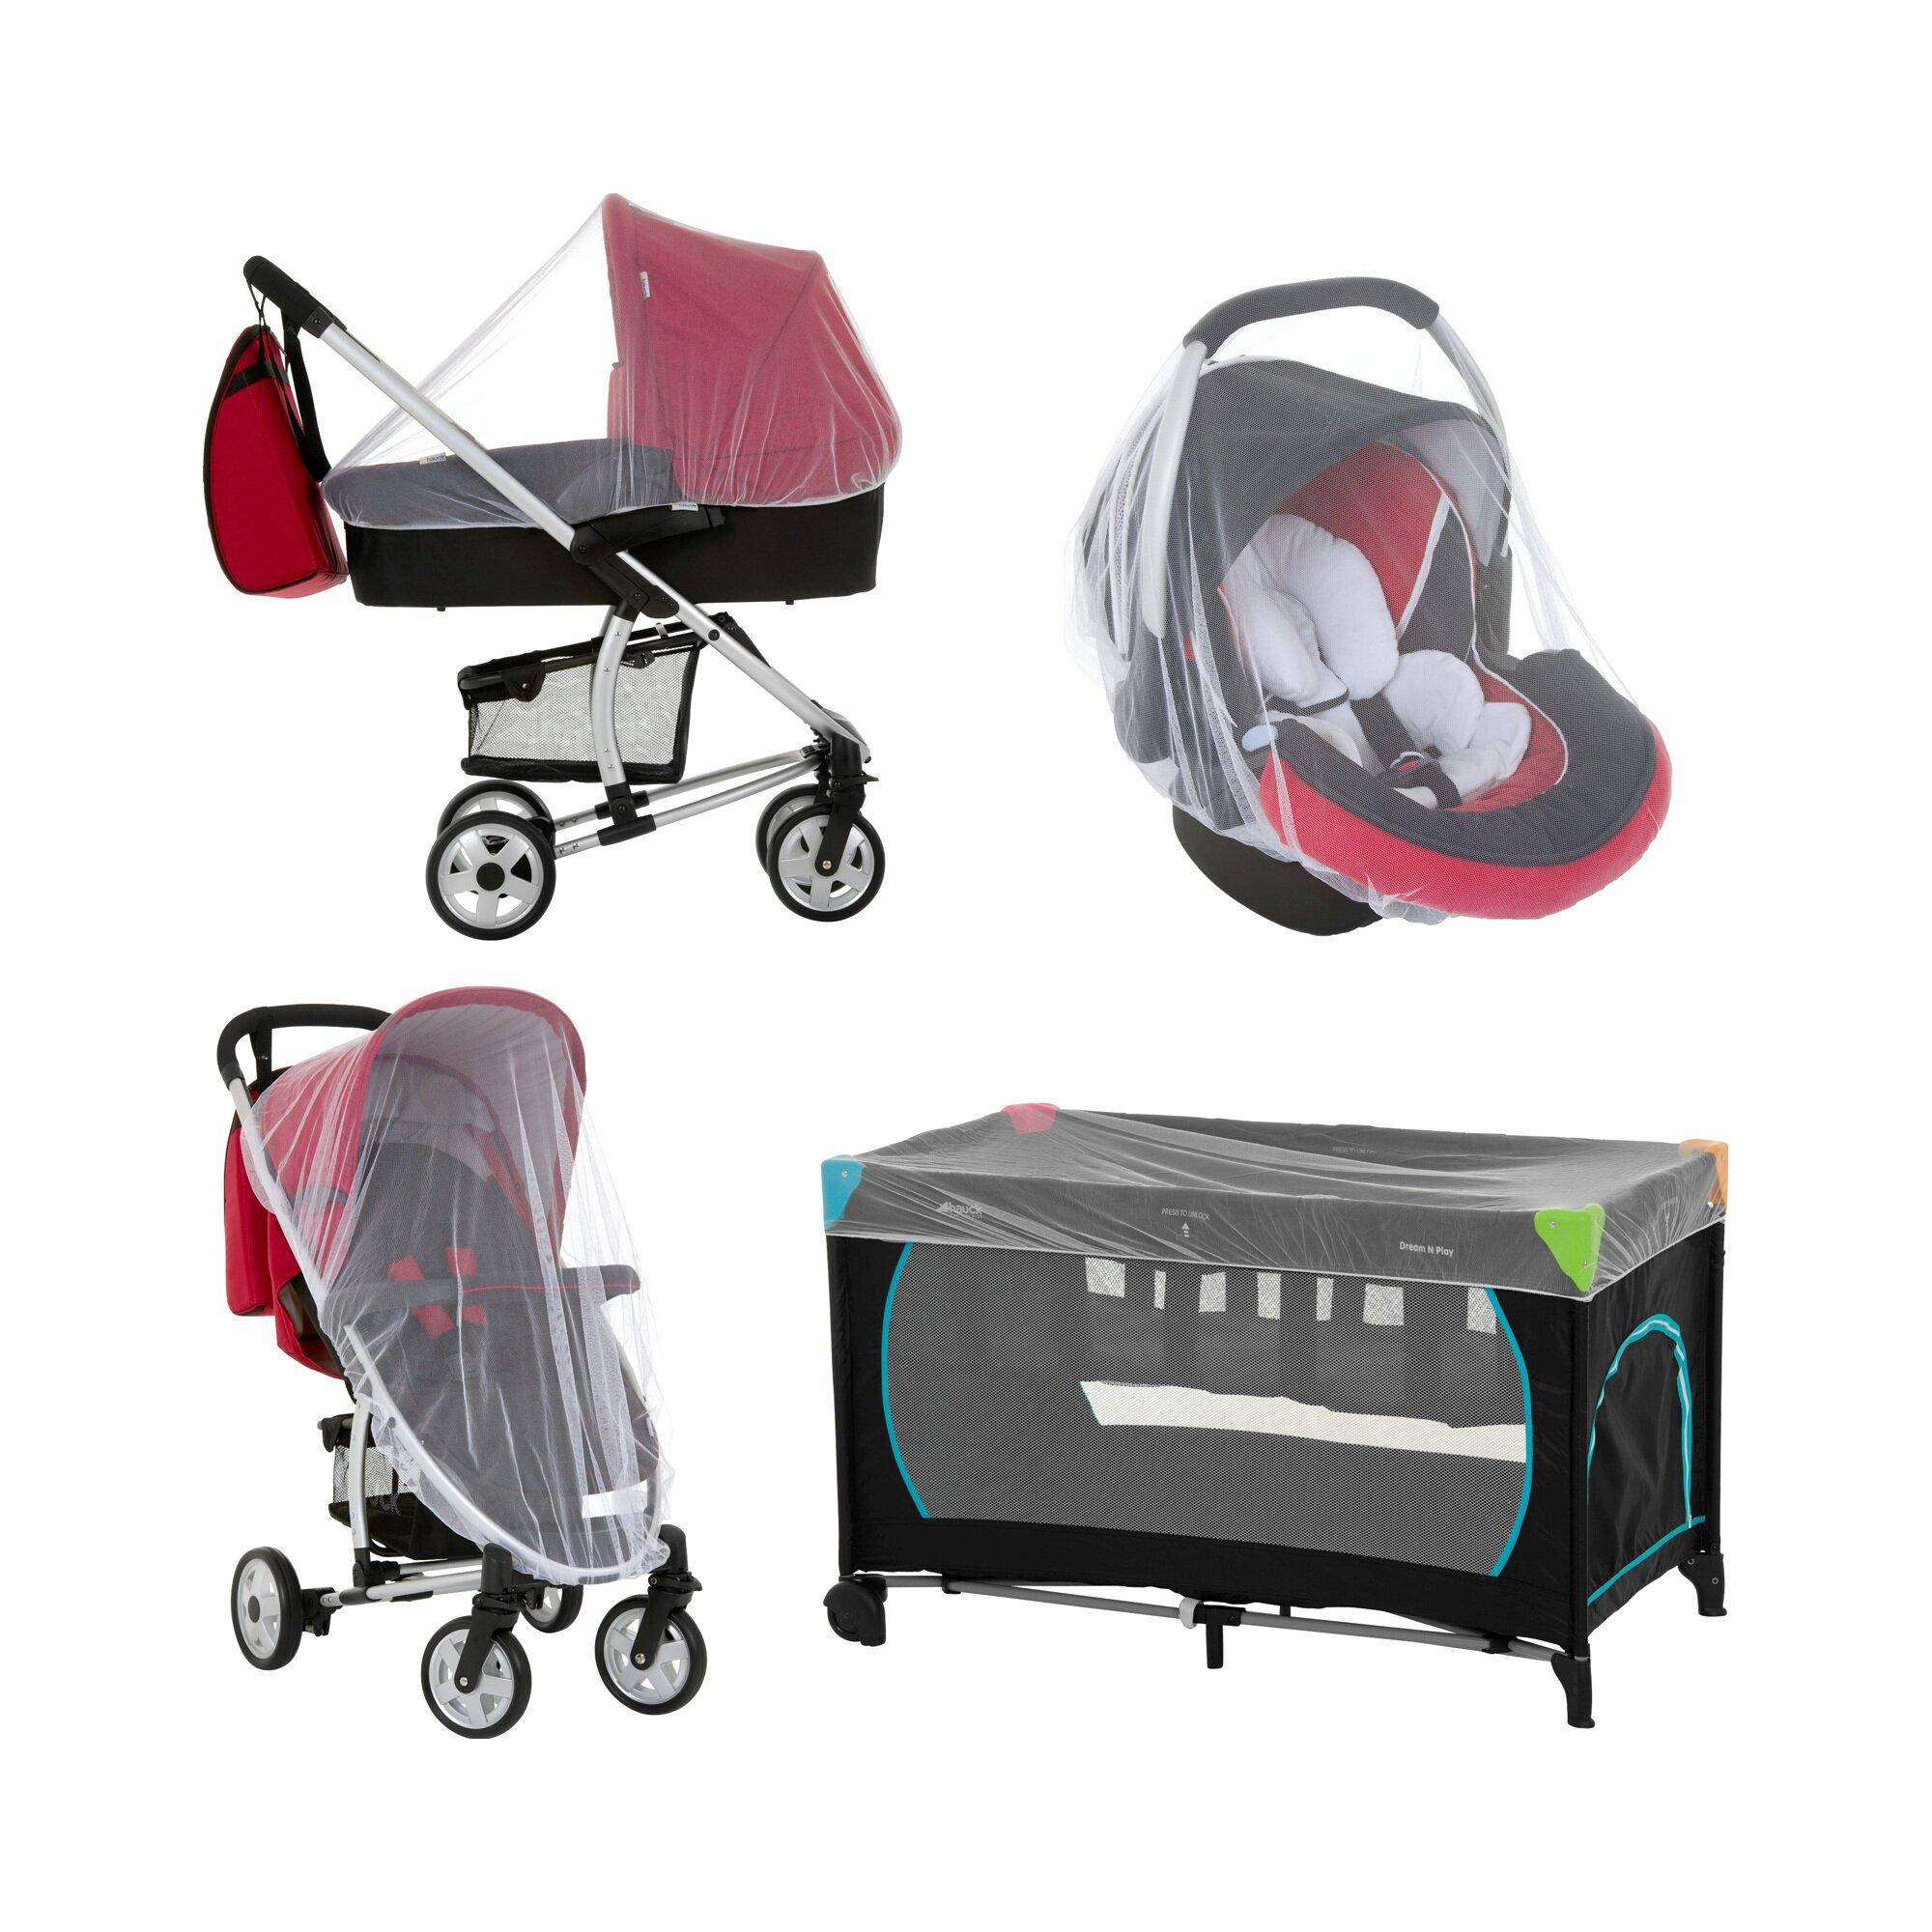 Hauck Universal-Insektenschutz Protect me für Babyschale, Reisbett und Kinderwagen weiss